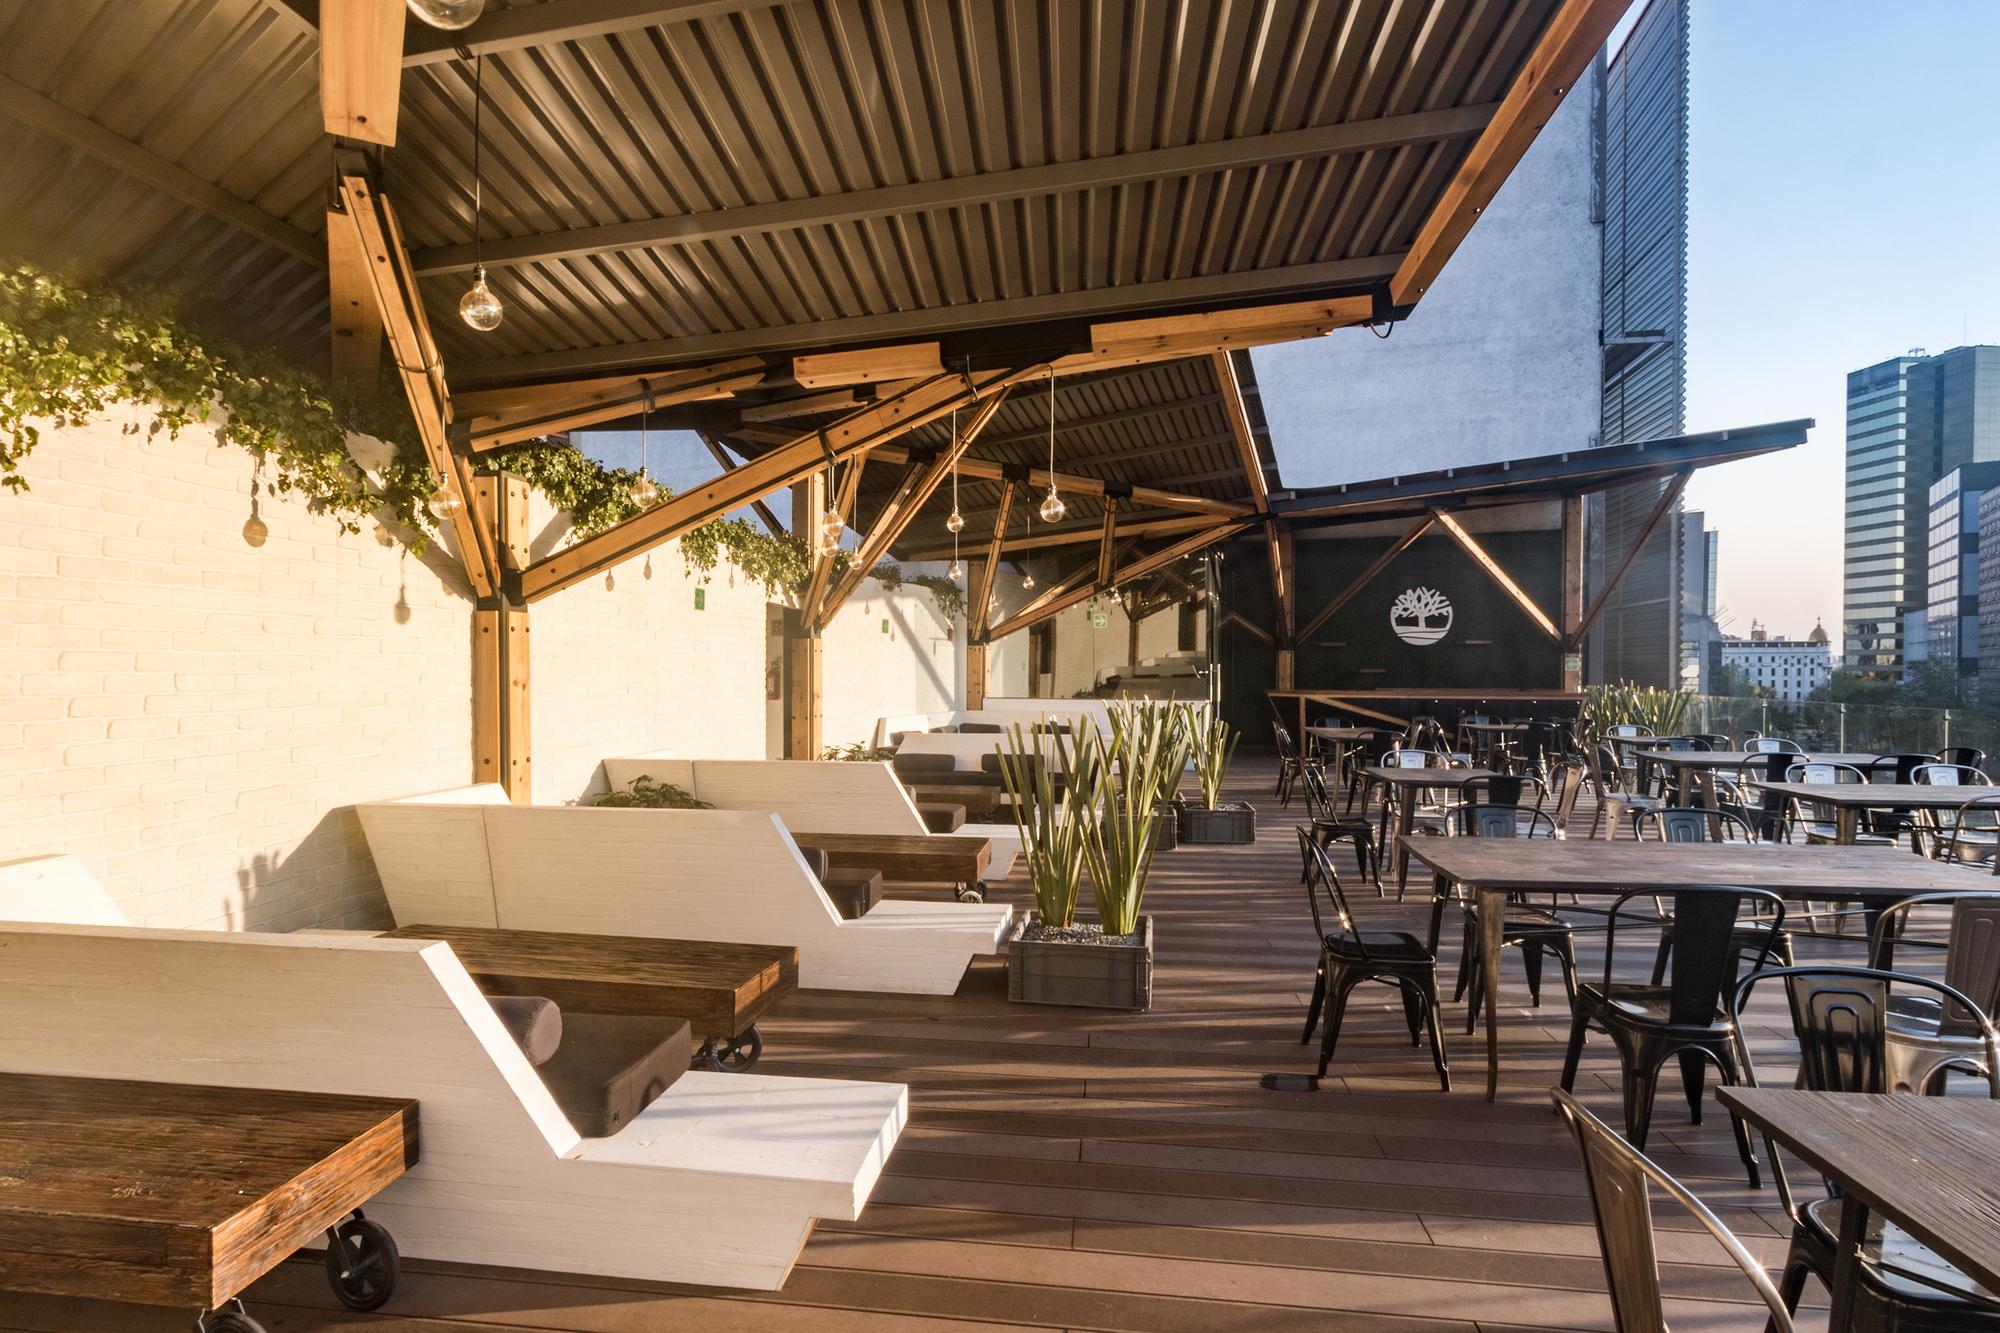 Galer a de terraza timberland a 001 taller de for Sillones de aluminio para terraza